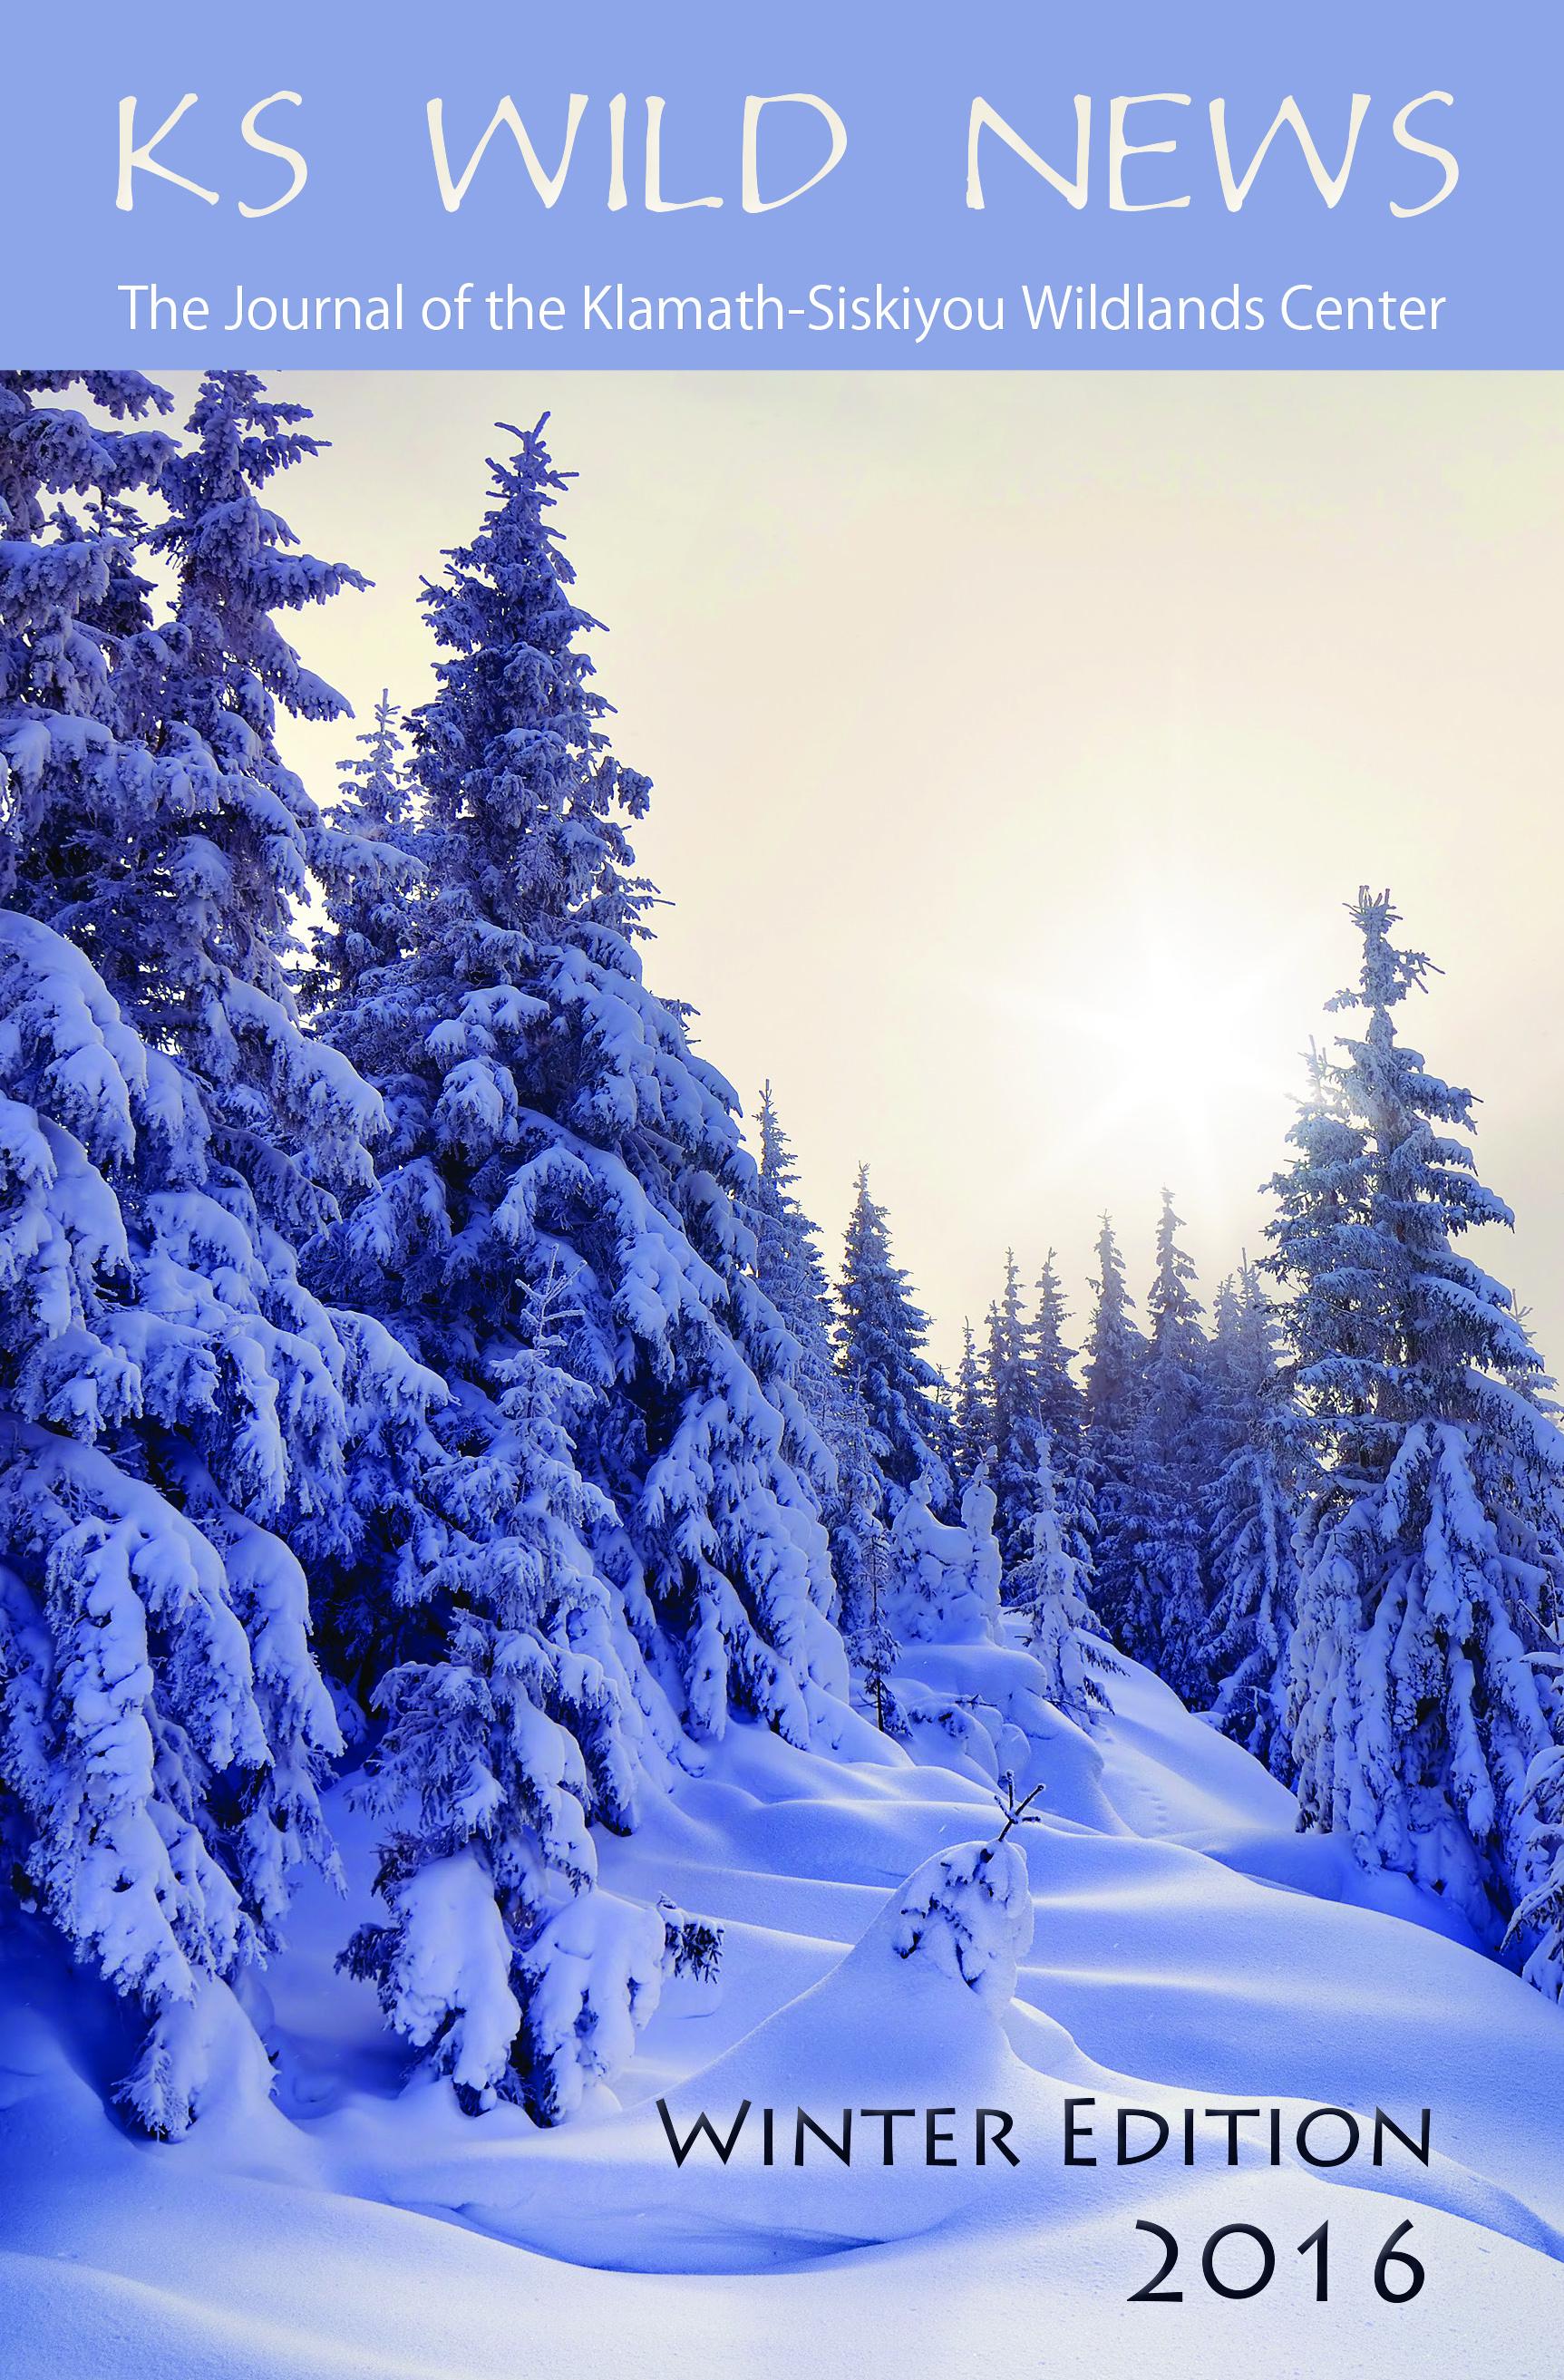 Winter 2016/2017 Newsletter